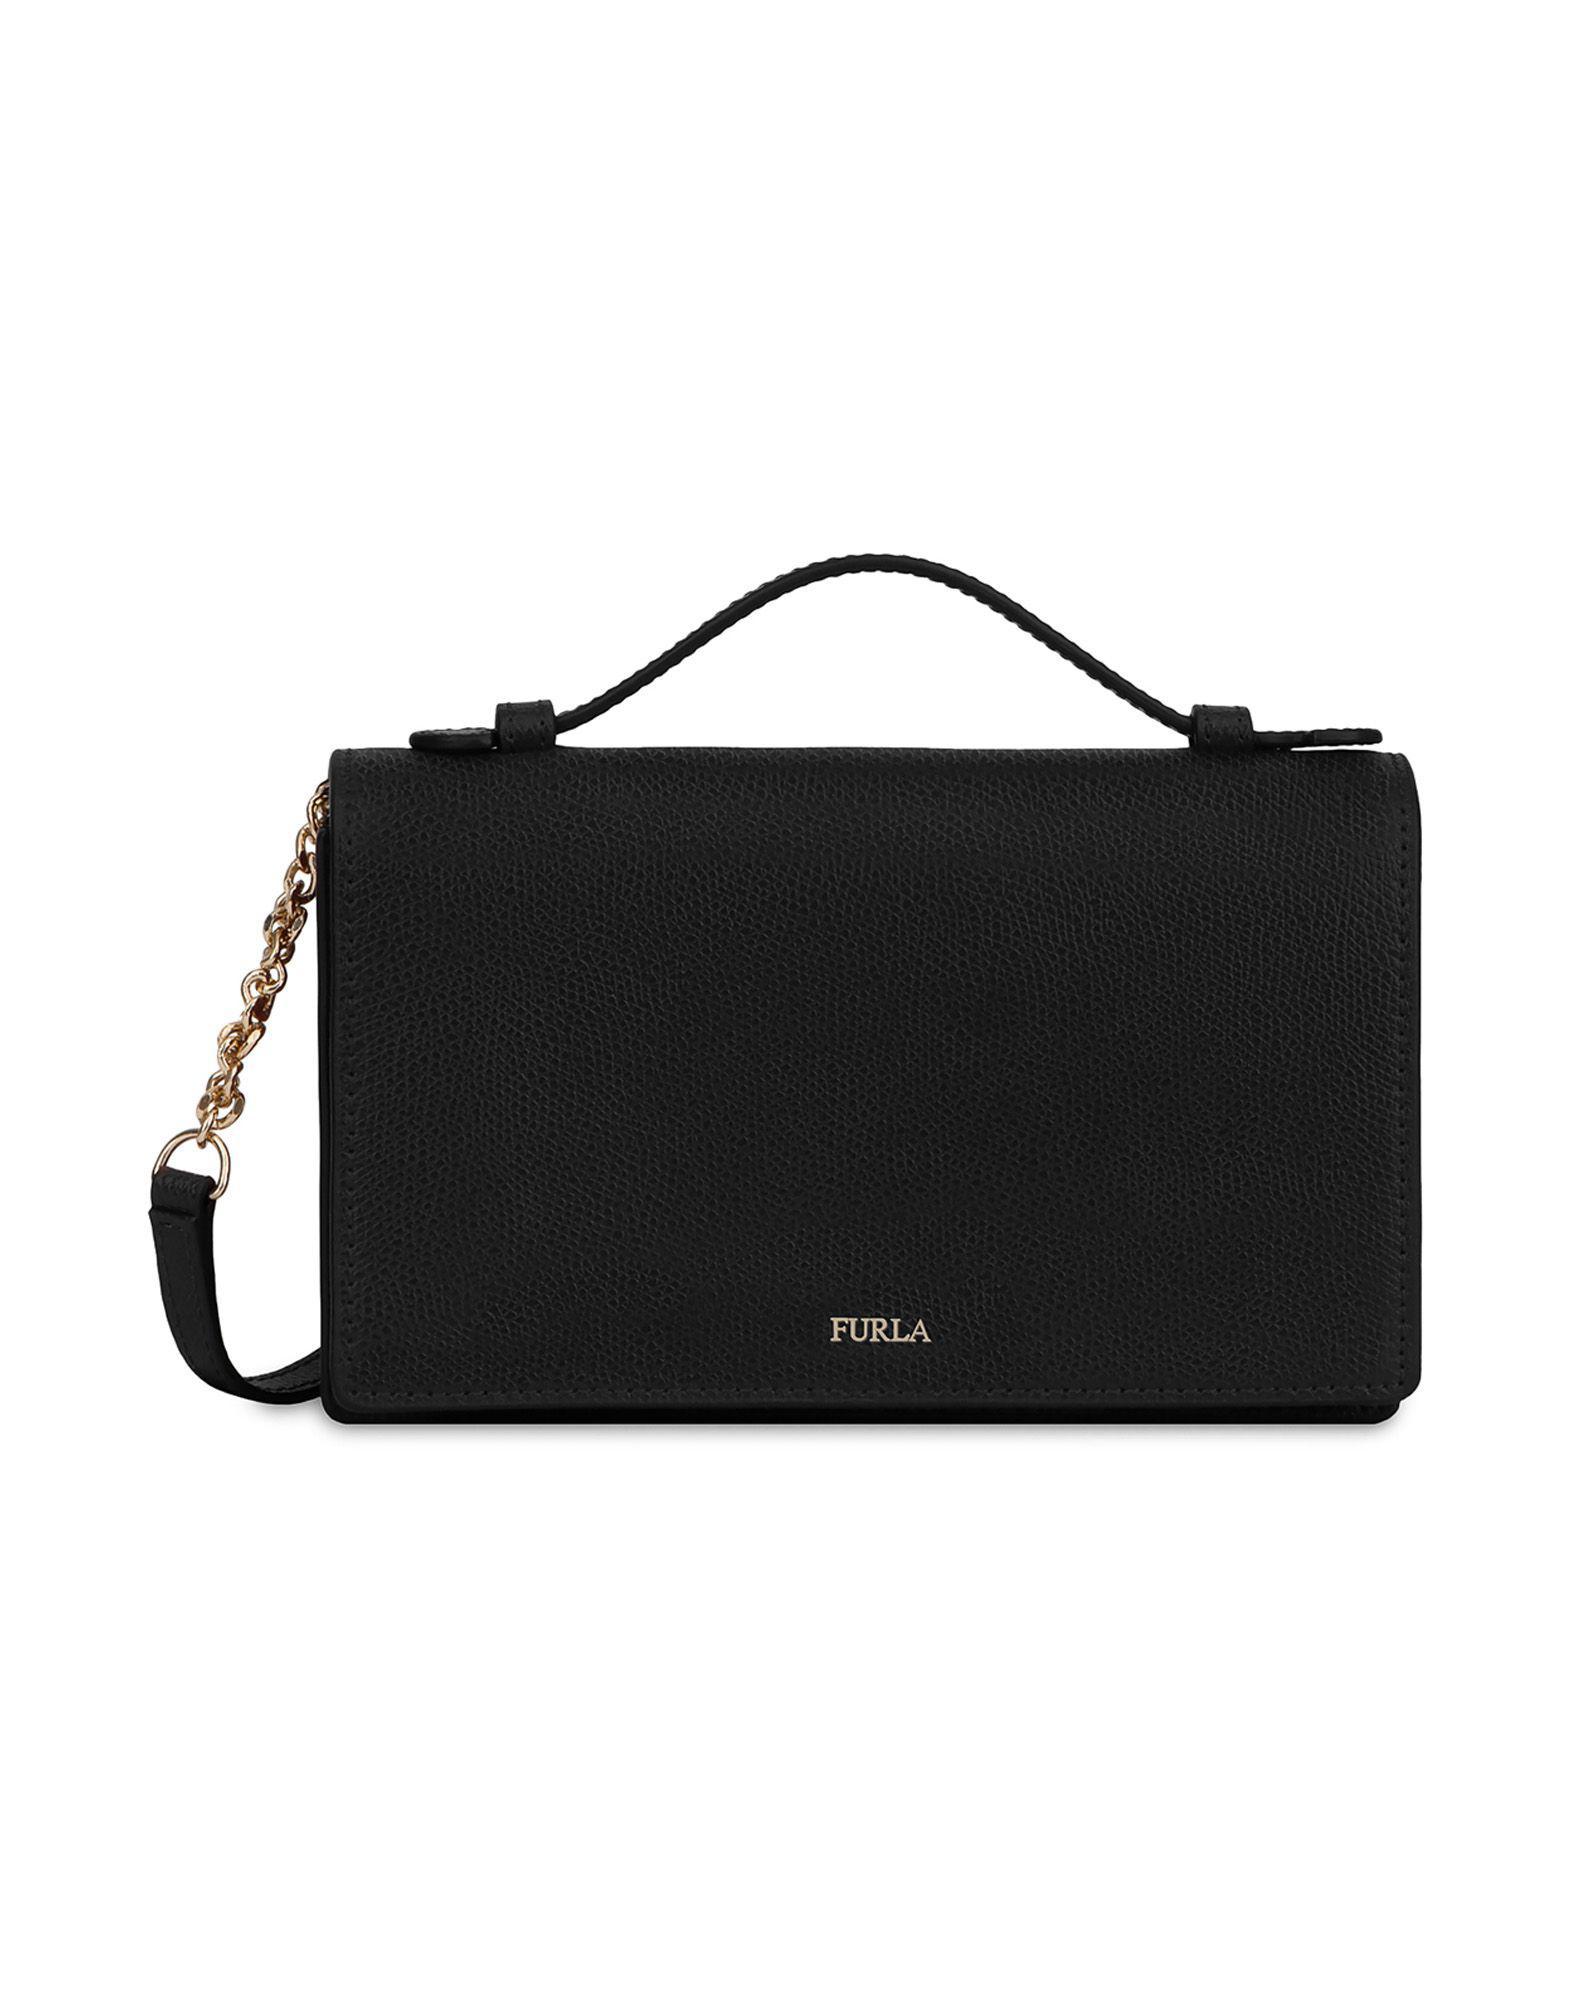 8f3d398267a6 Furla - Black Handbag - Lyst. View fullscreen